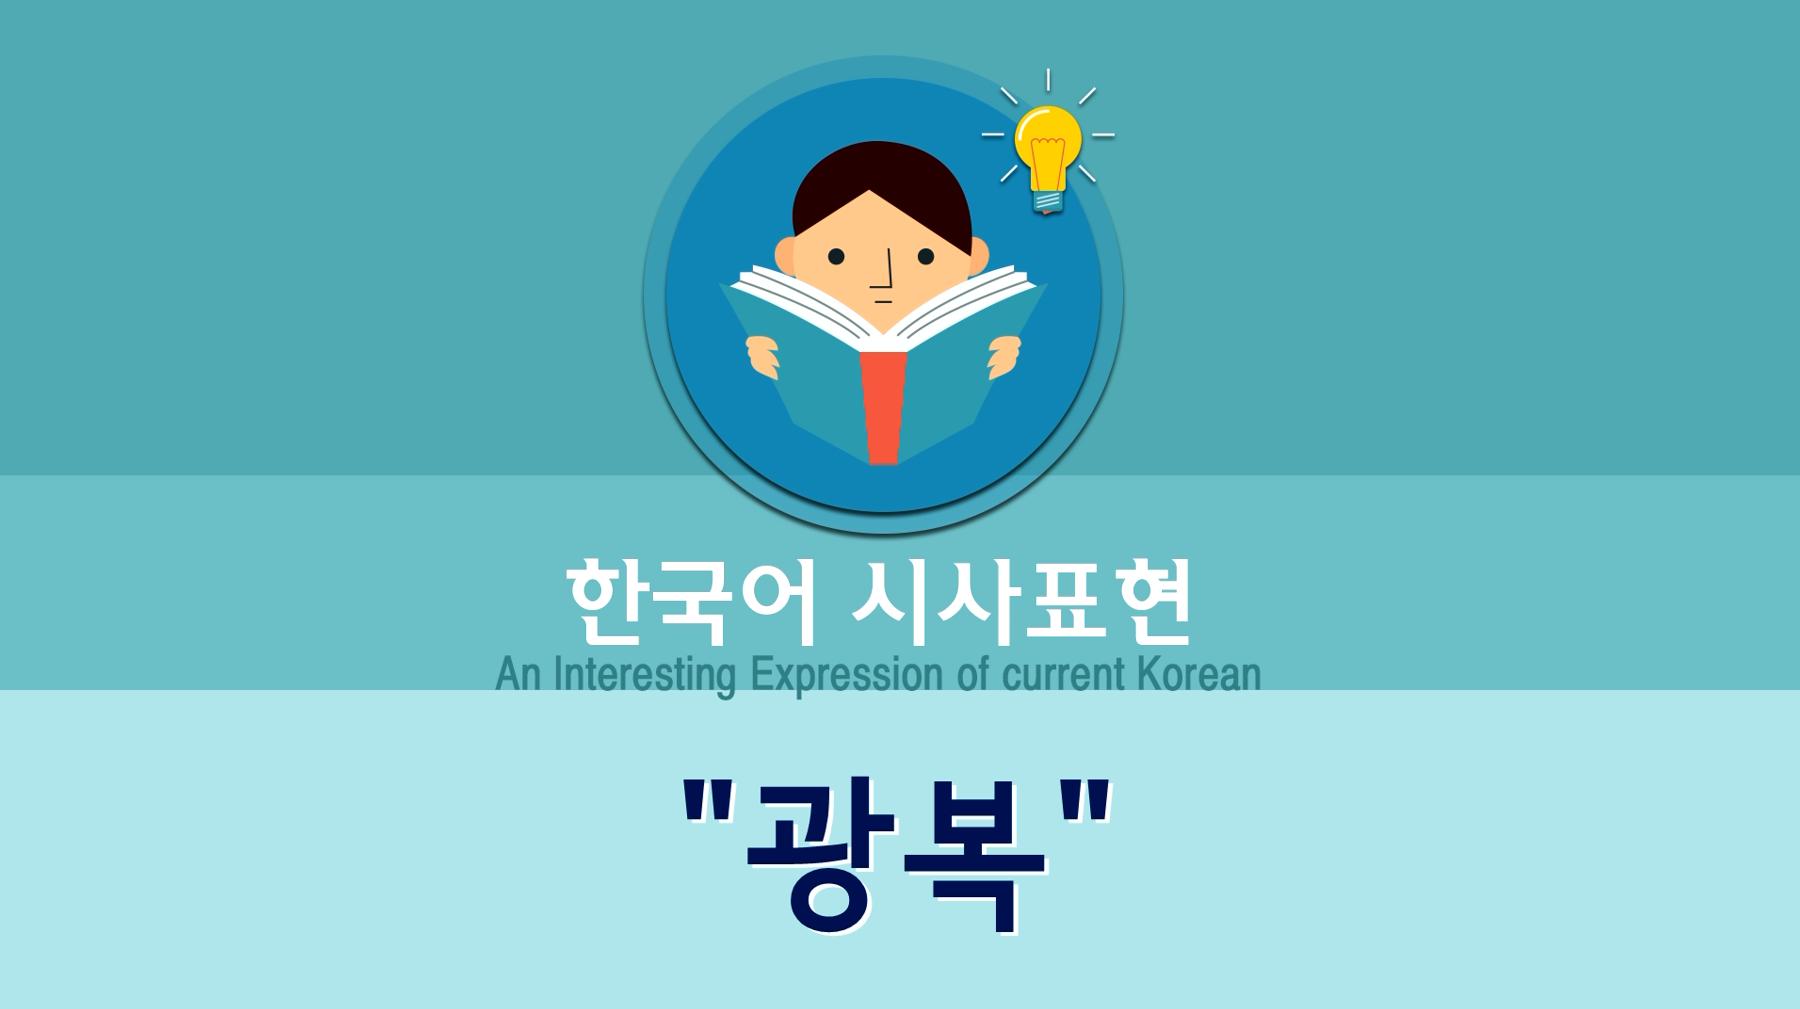 [韩语时事表达]#22. 광복(光复):重新找回被抢走的主权